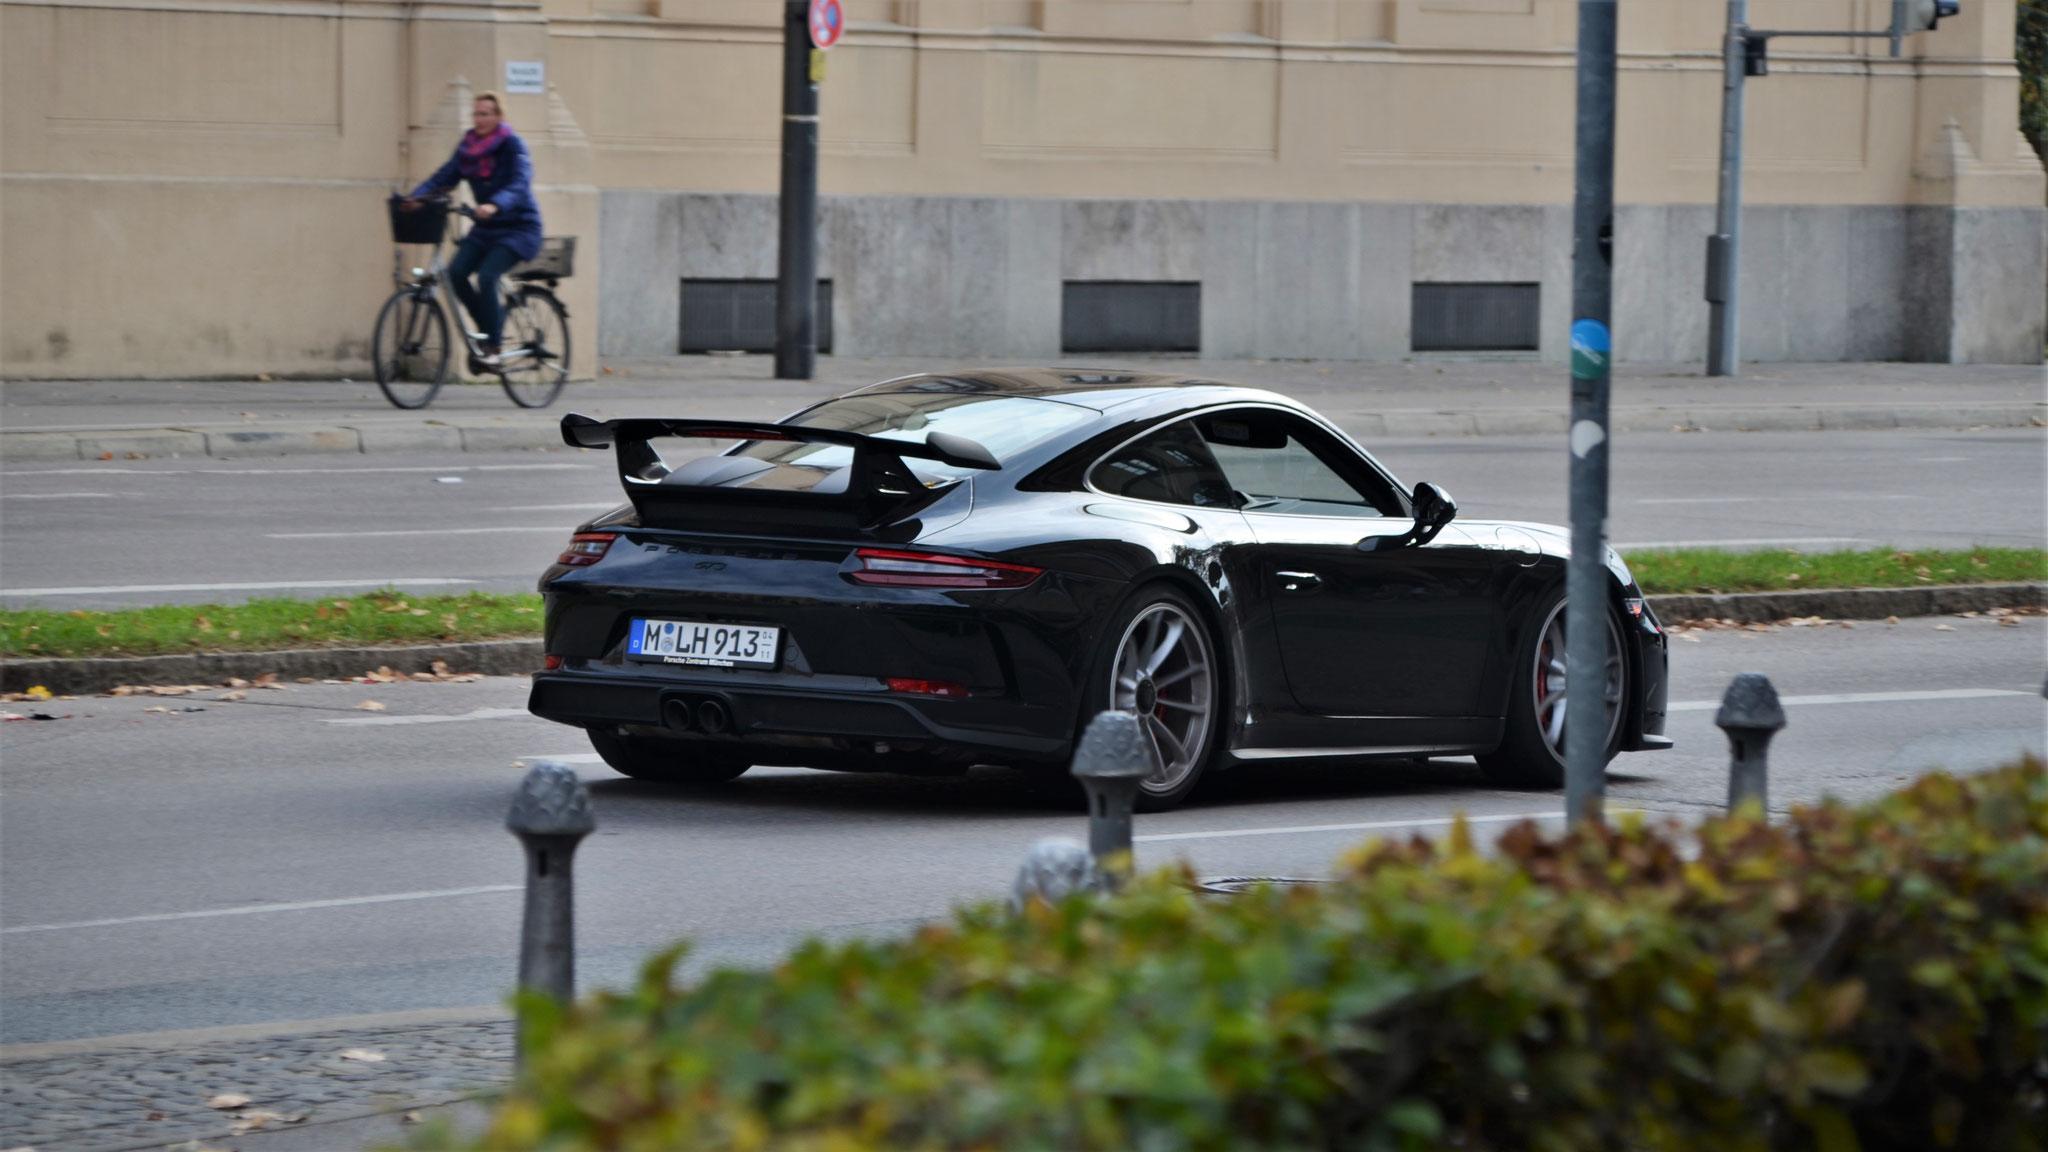 Porsche 991 GT3 - M-LH-913